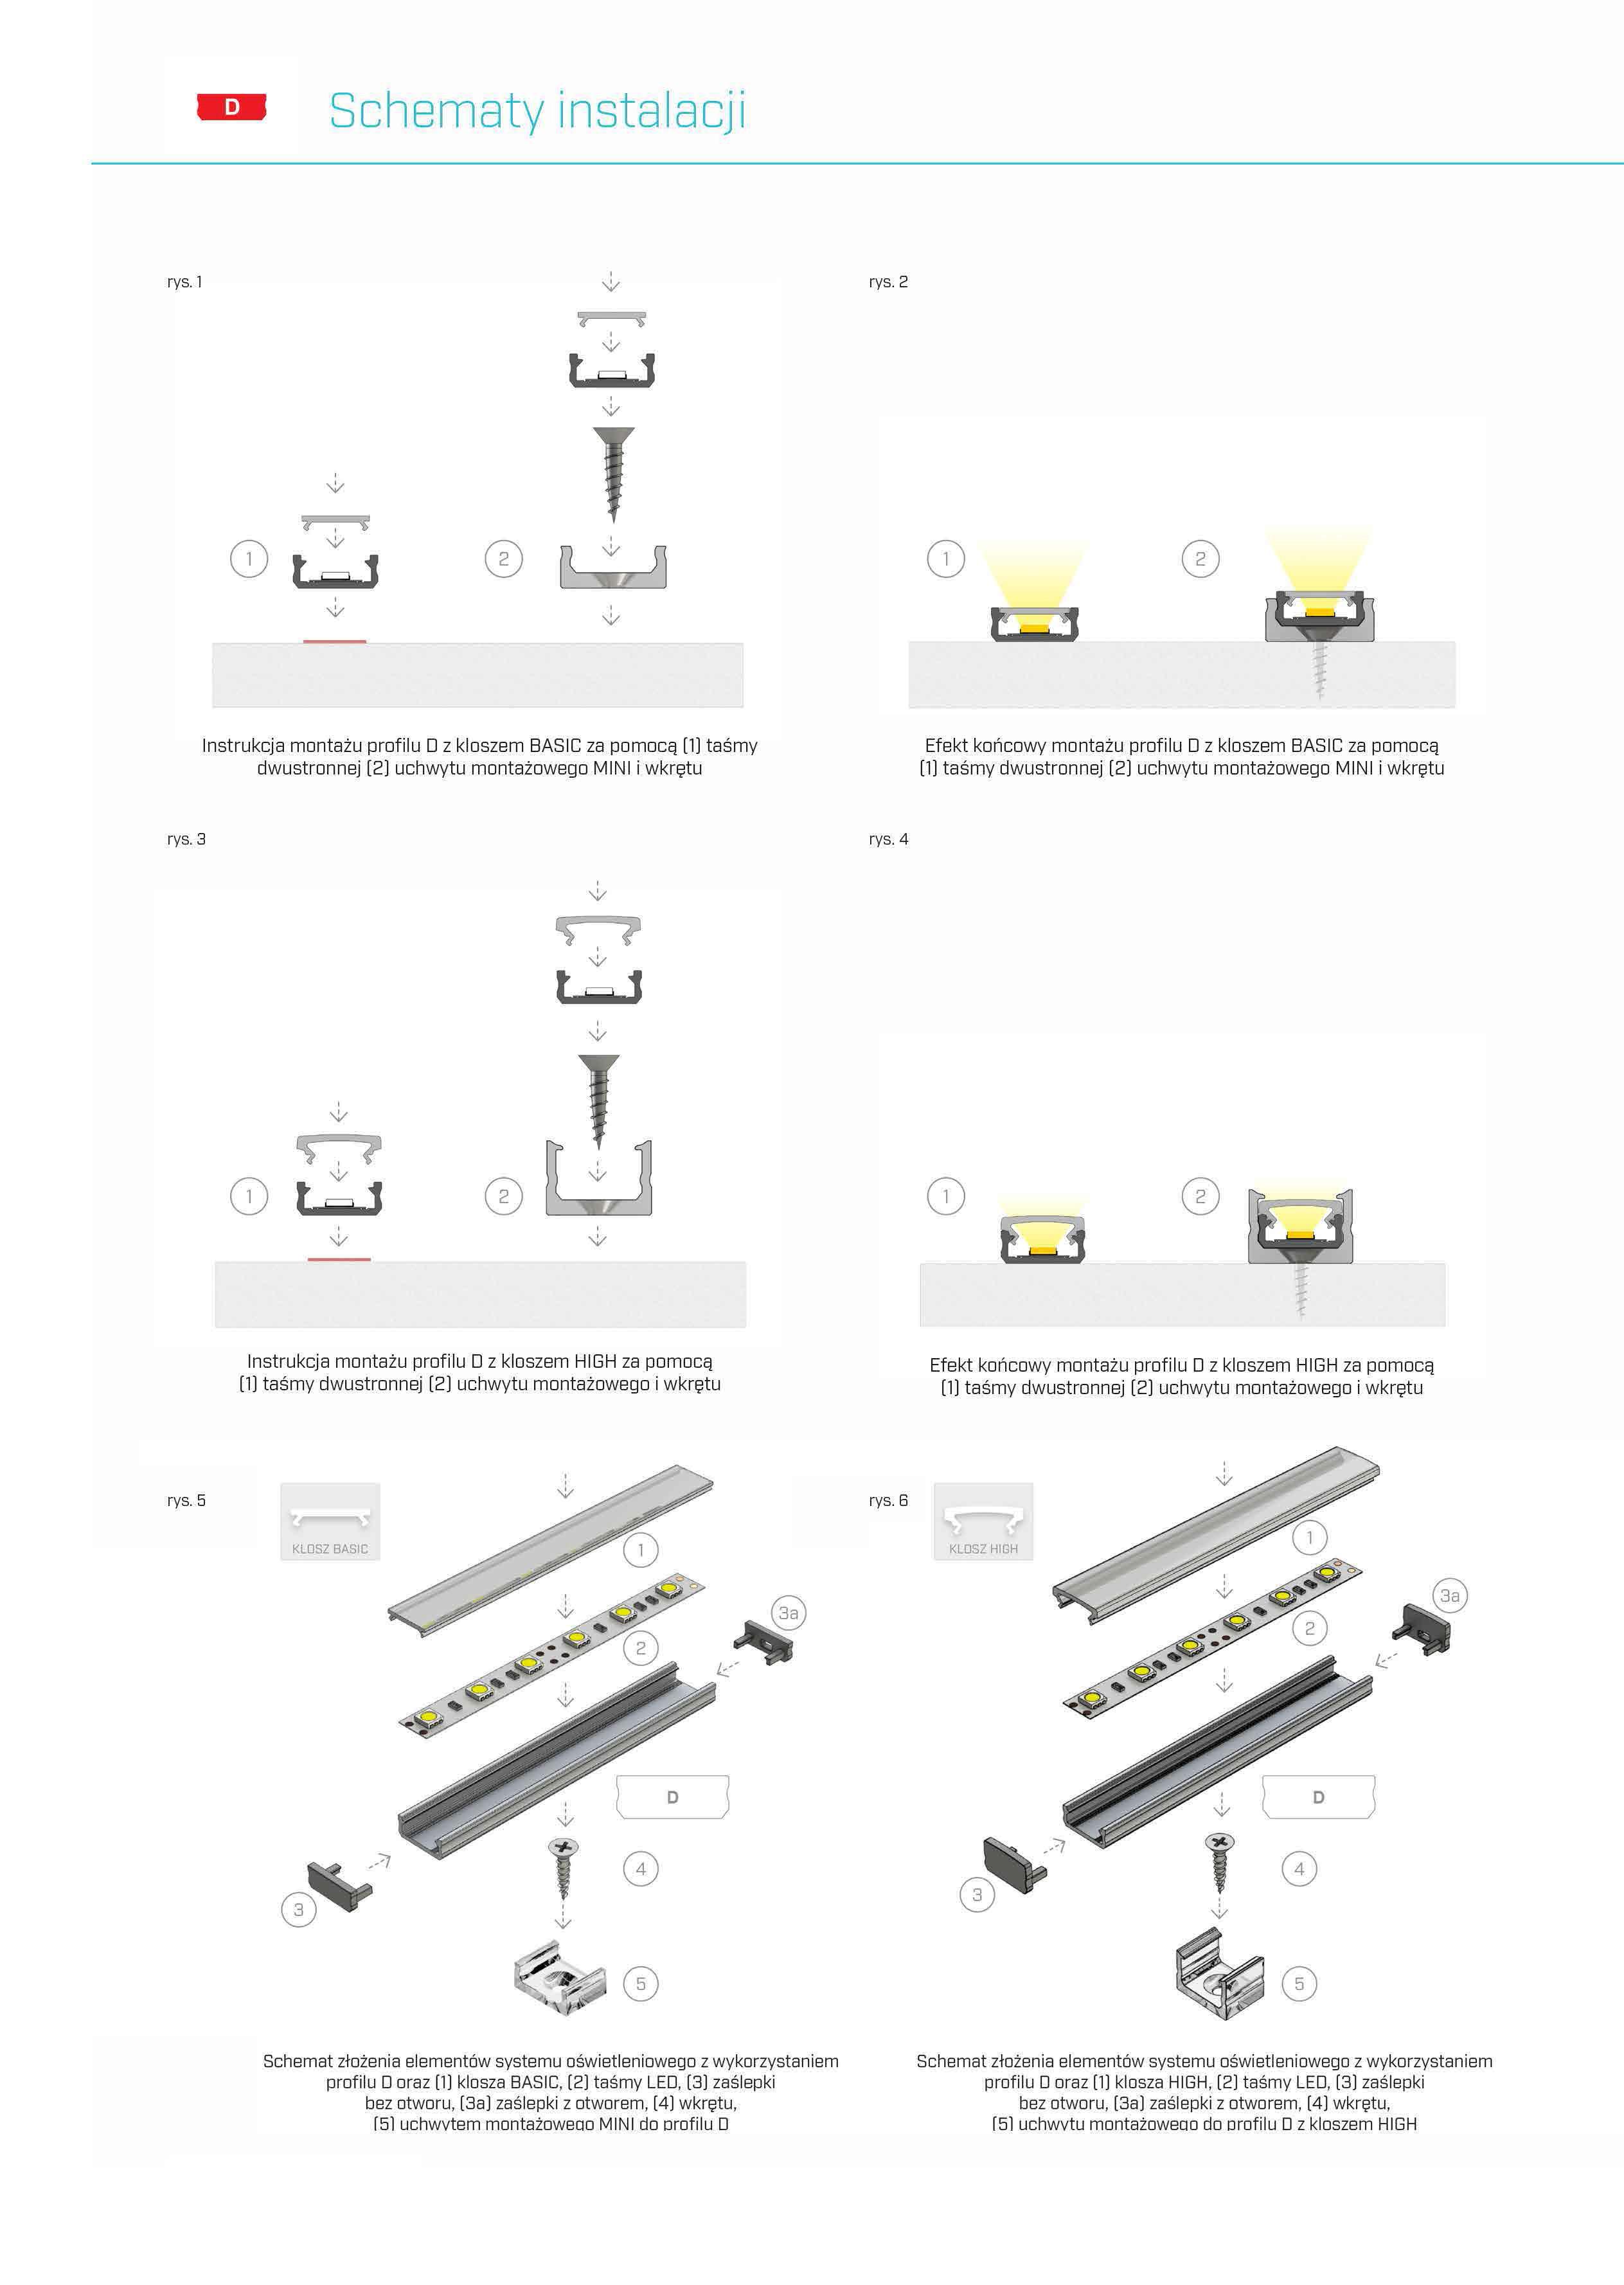 montaż profili D lumines